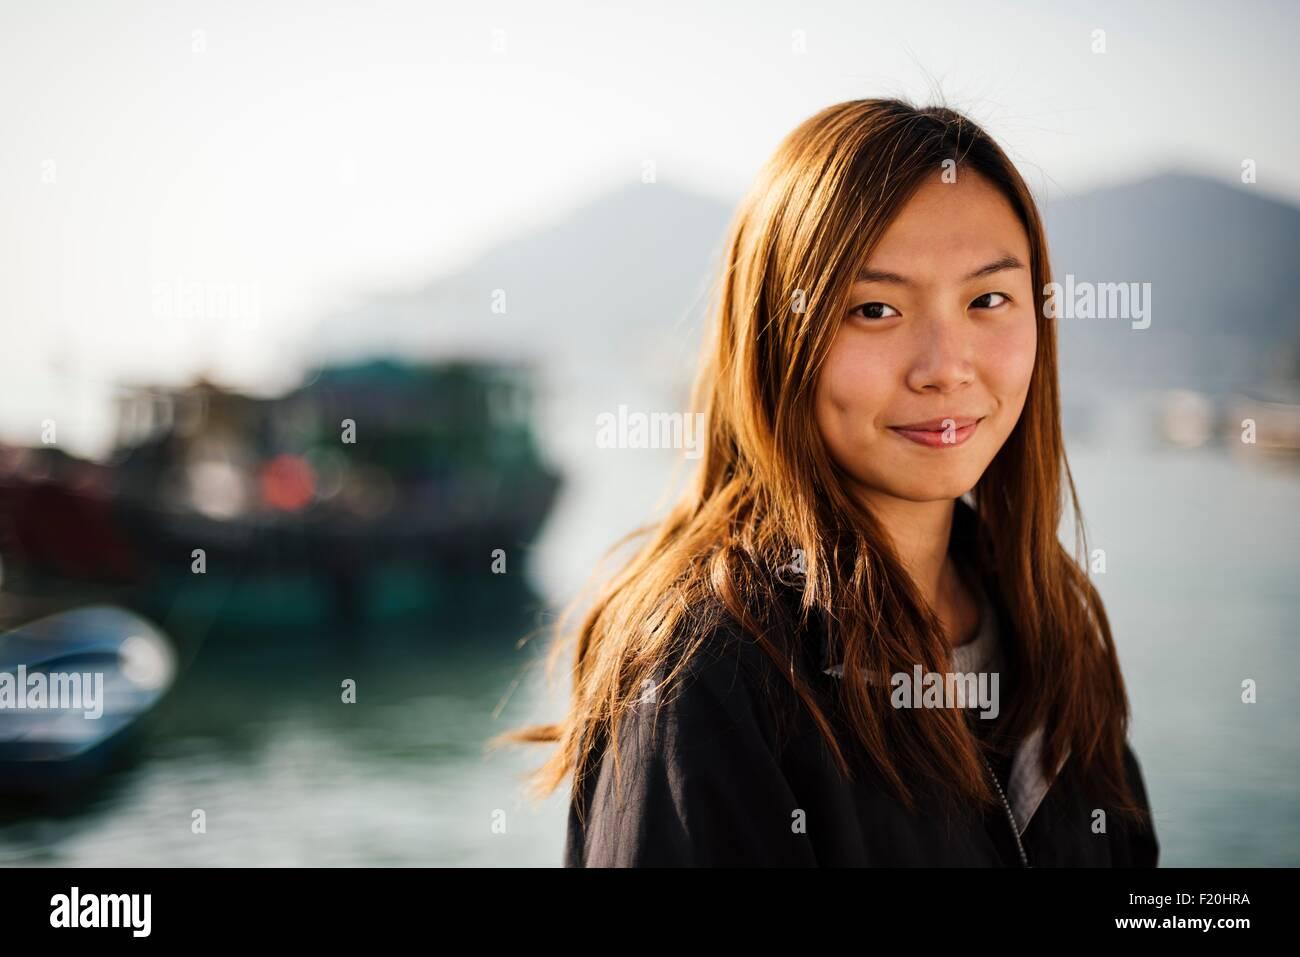 Porträt von Mitte Erwachsene Frau vor Boote auf dem Wasser, Blick auf die Kamera zu Lächeln Stockfoto